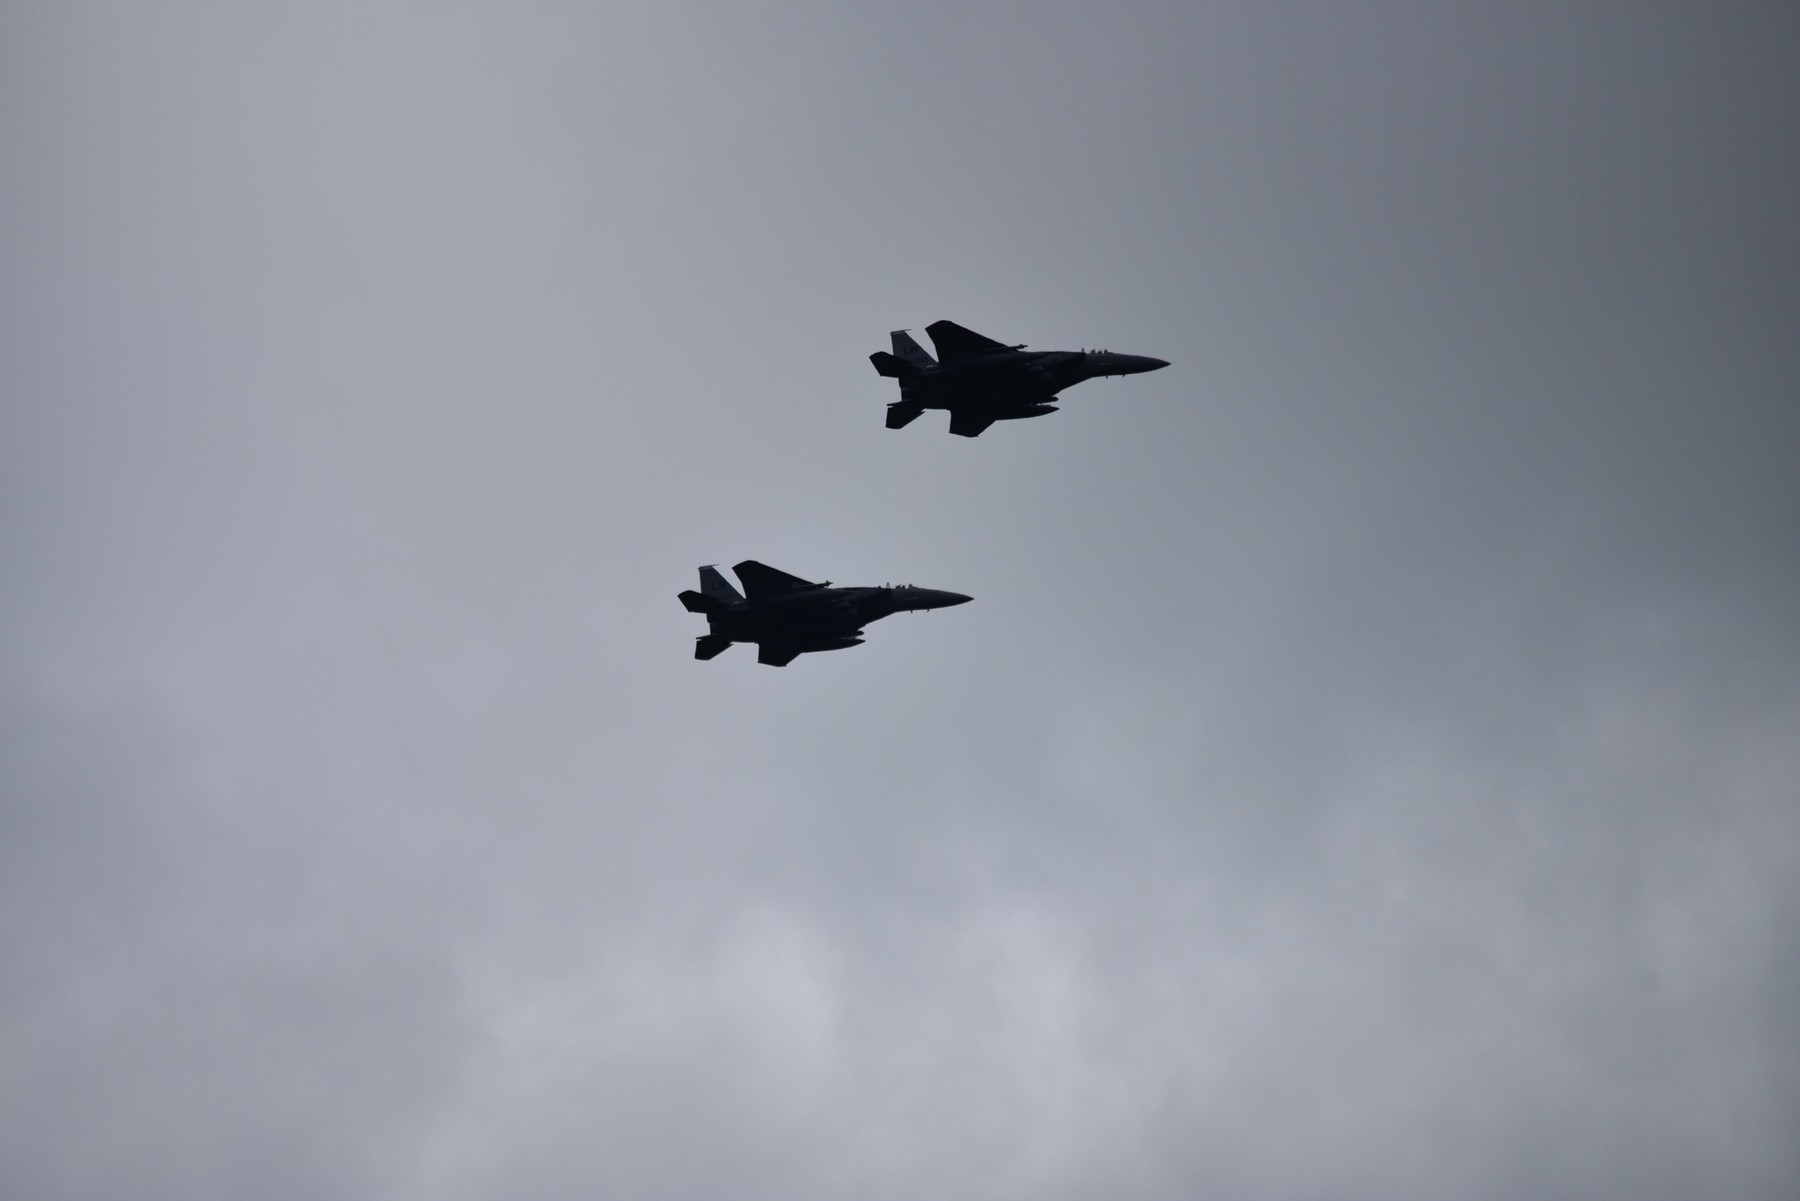 borbeni zrakoplovi F-15